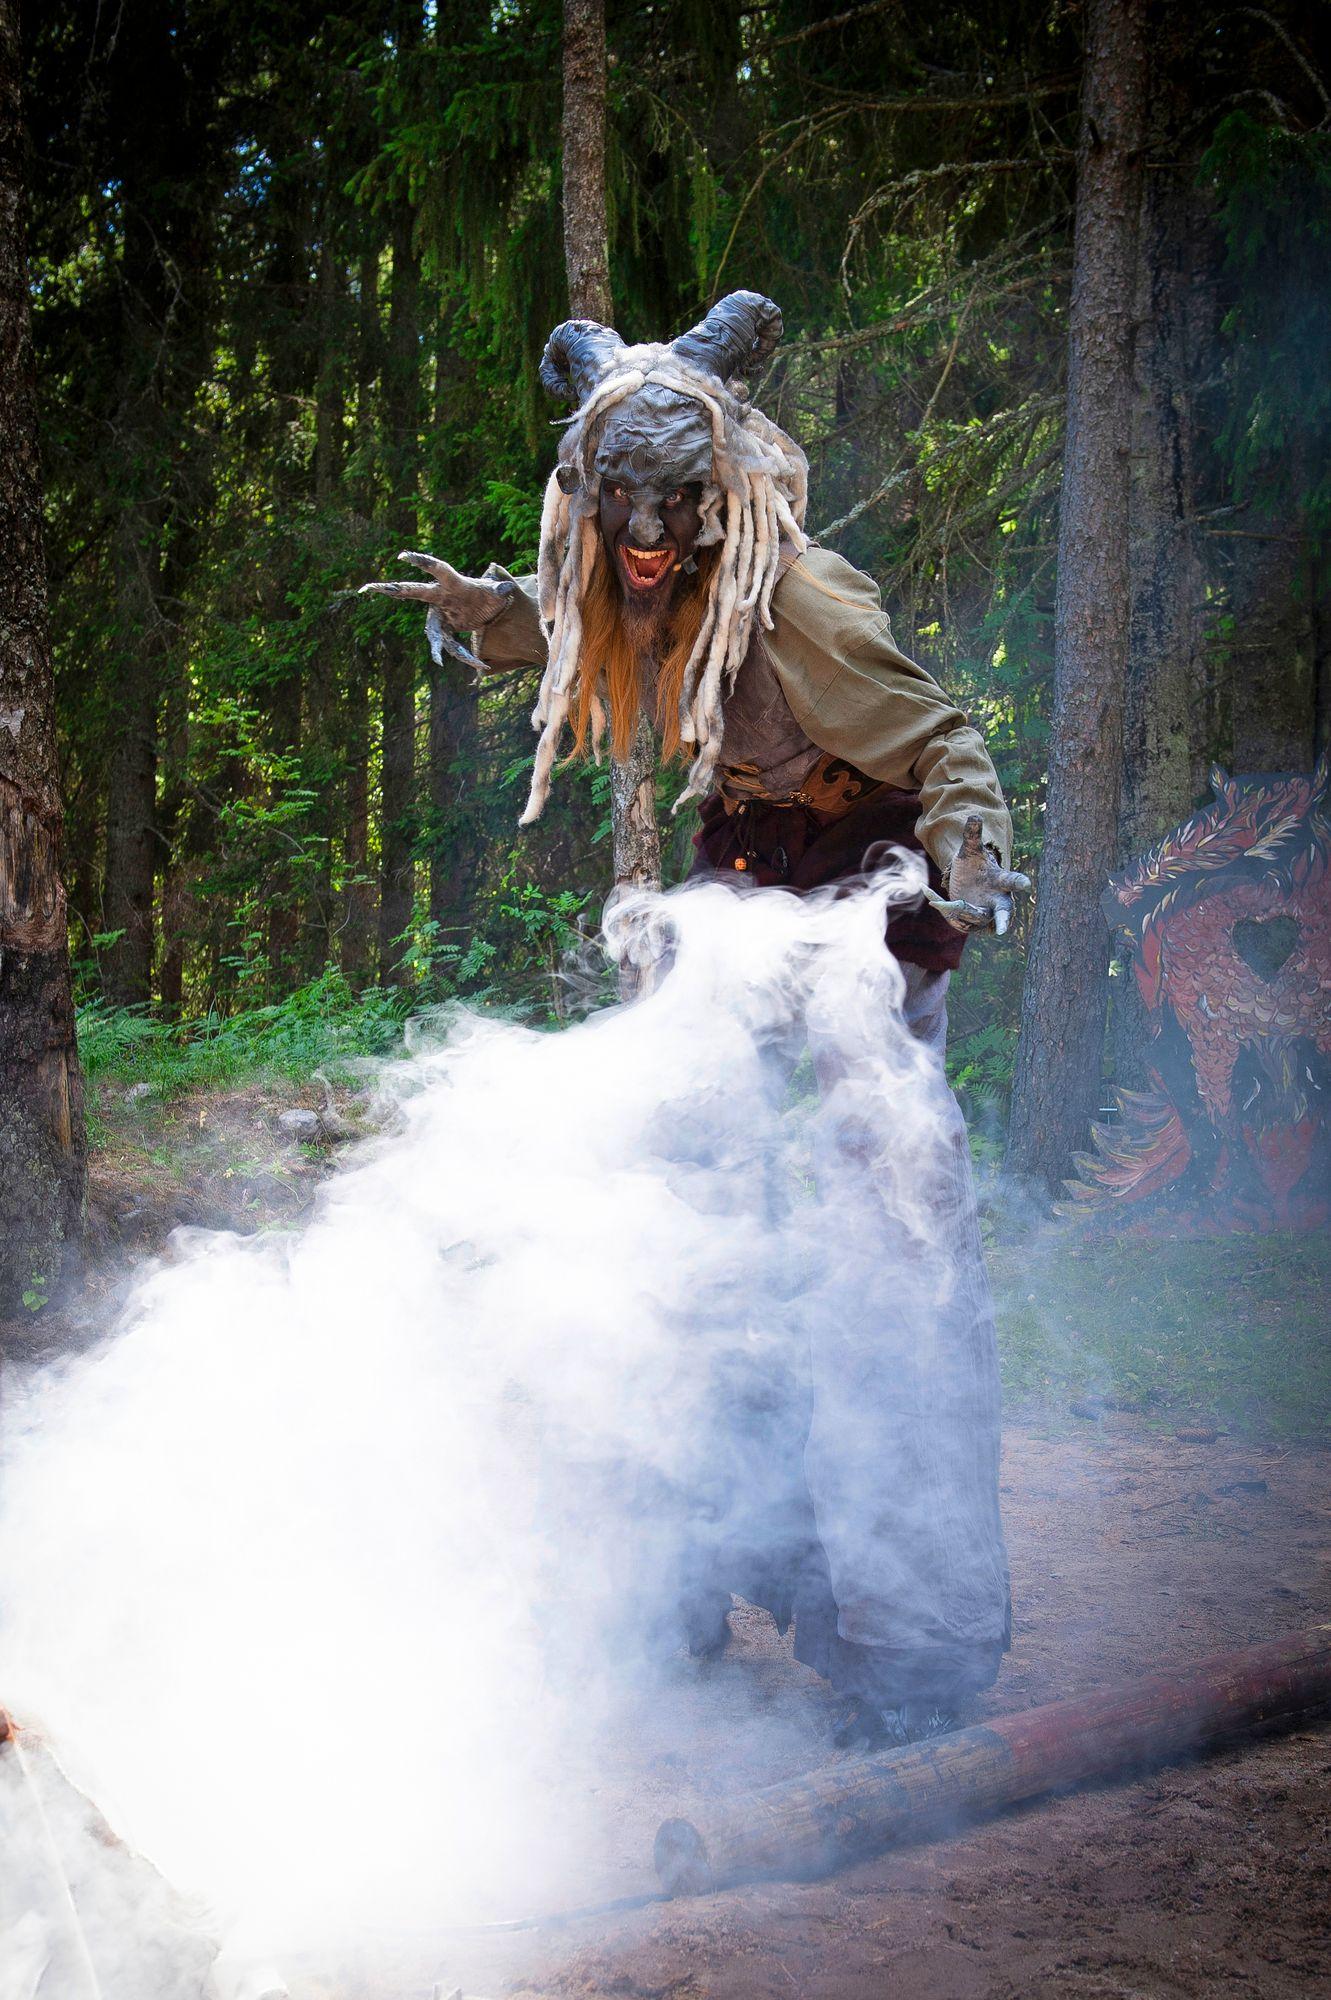 Paavo Muhonen faunin asussaan toimii Tenebriksen kertojana, joka johdattaa katsojaa eteenpäin juonenkäänteissä. © Shoja Lak